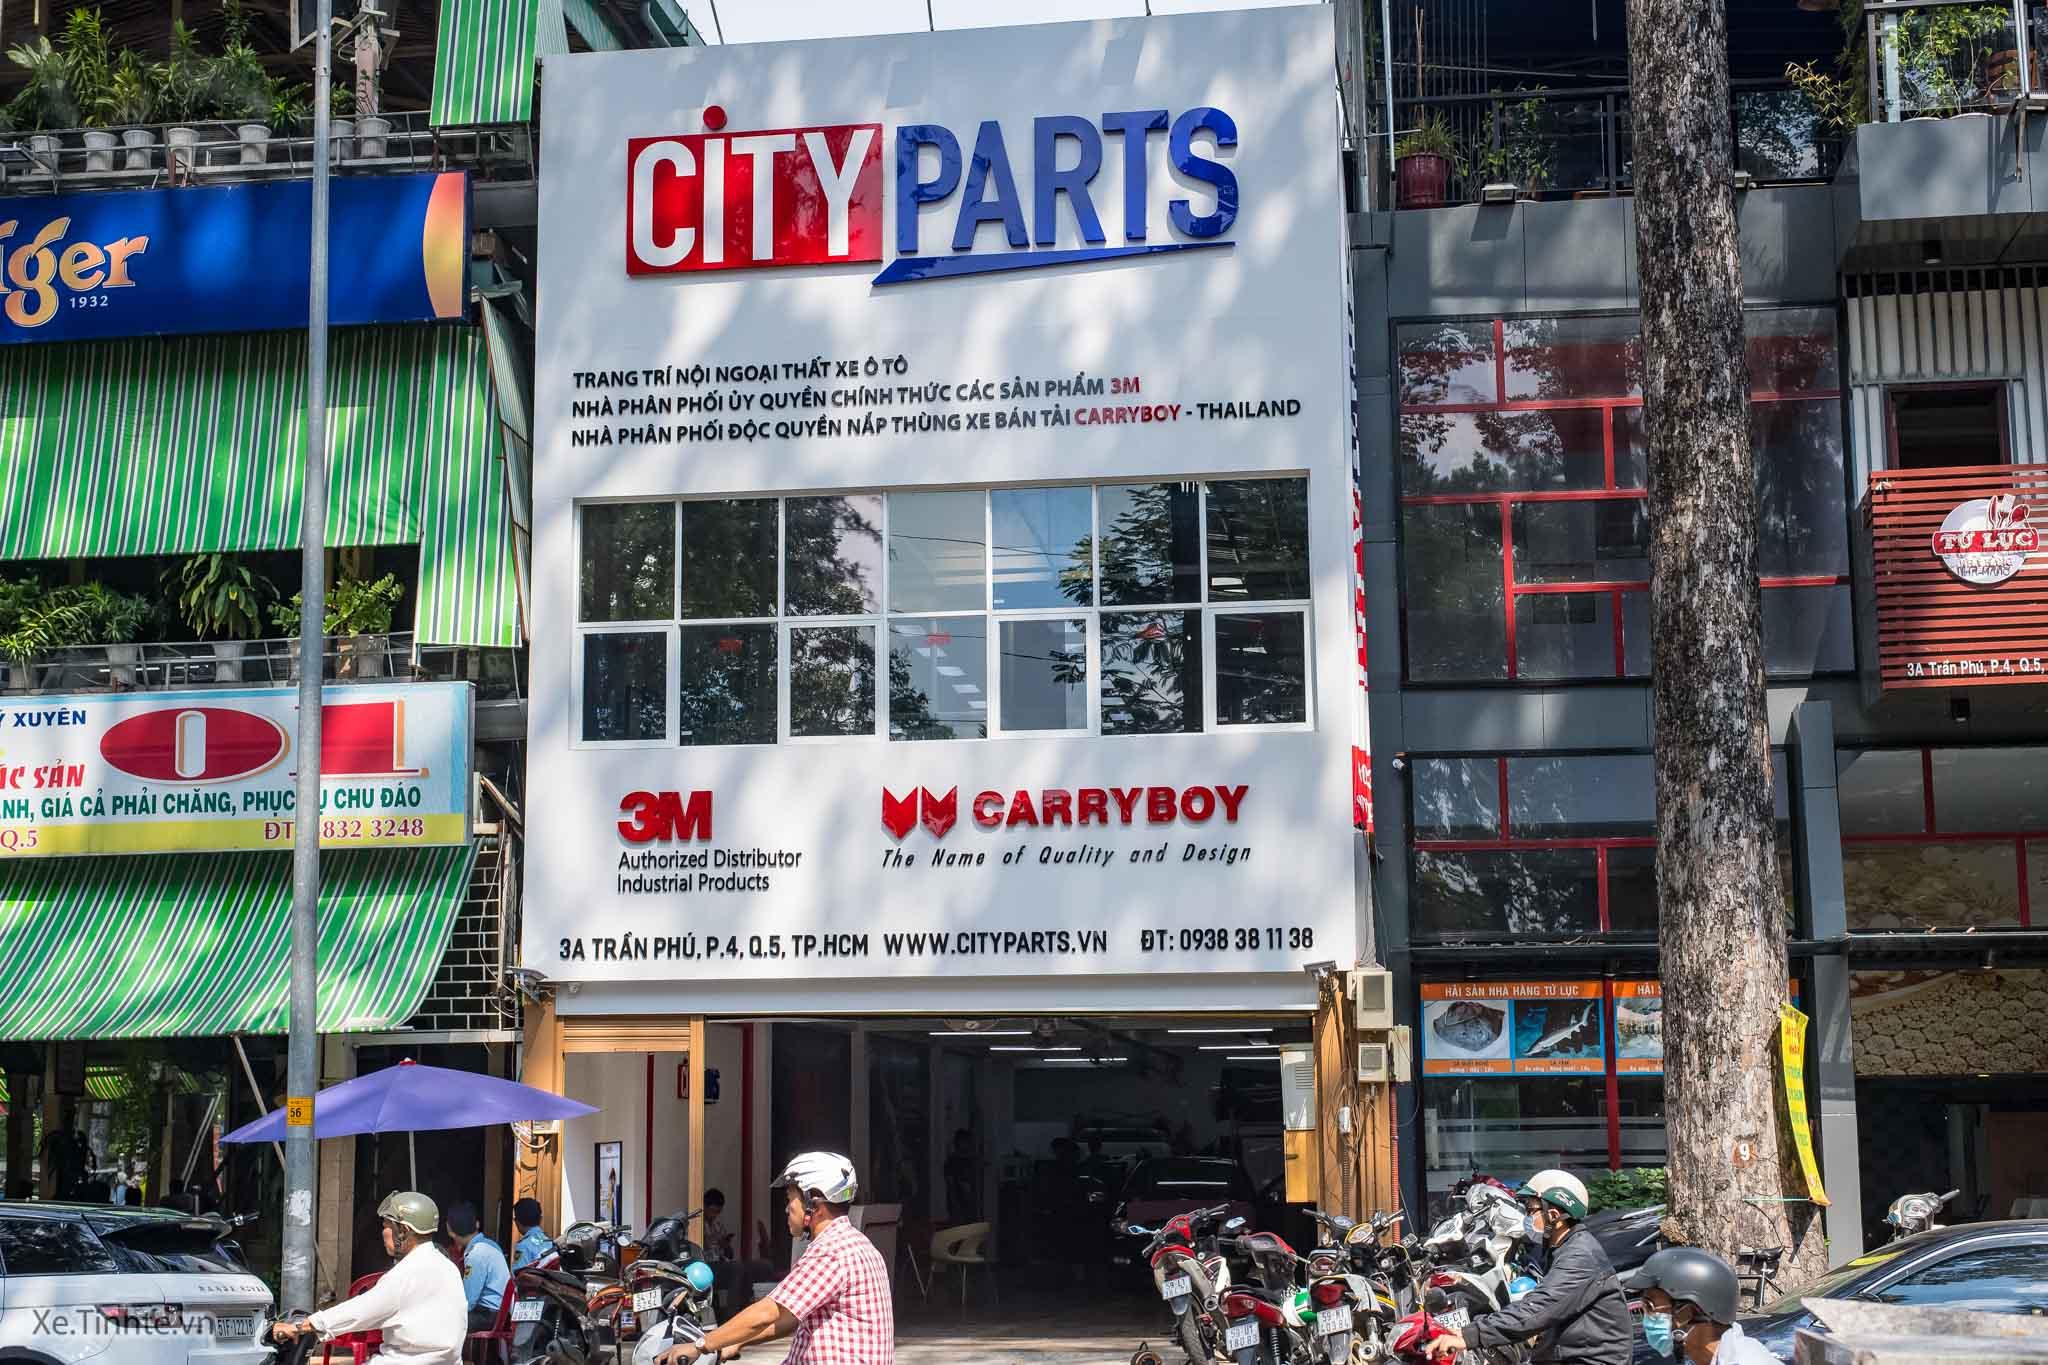 Các đại lý ủy quyền của 3M Việt Nam đều có hình ảnh nhận diện theo tiêu chuẩn như bảng hiệu với logo 3M lớn ở bên ngoài và các tranh treo tường có hình ảnh sản phẩm Crystalline và Color Stable phía trong. Ngoài ra, đại lý ủy quyền còn được 3M cấp một số chứng nhận như Chứng nhận đại lý ủy quyền, Chứng nhận kỹ thuật viên đạt chuẩn 3M.